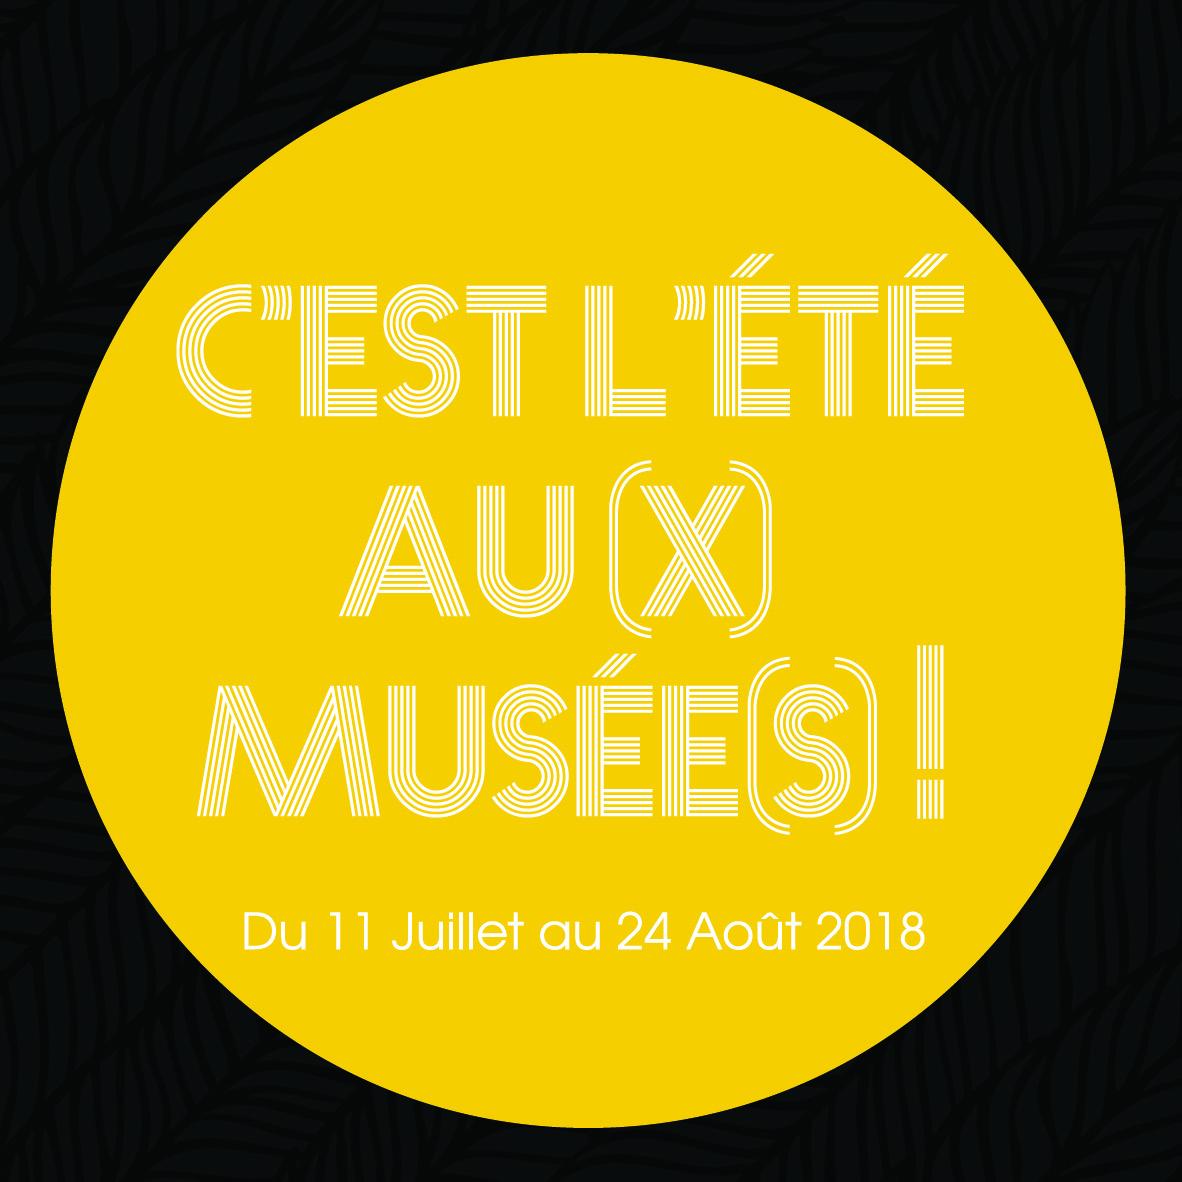 c-est-l-été-au-musee-DAMM-49-ASC-1